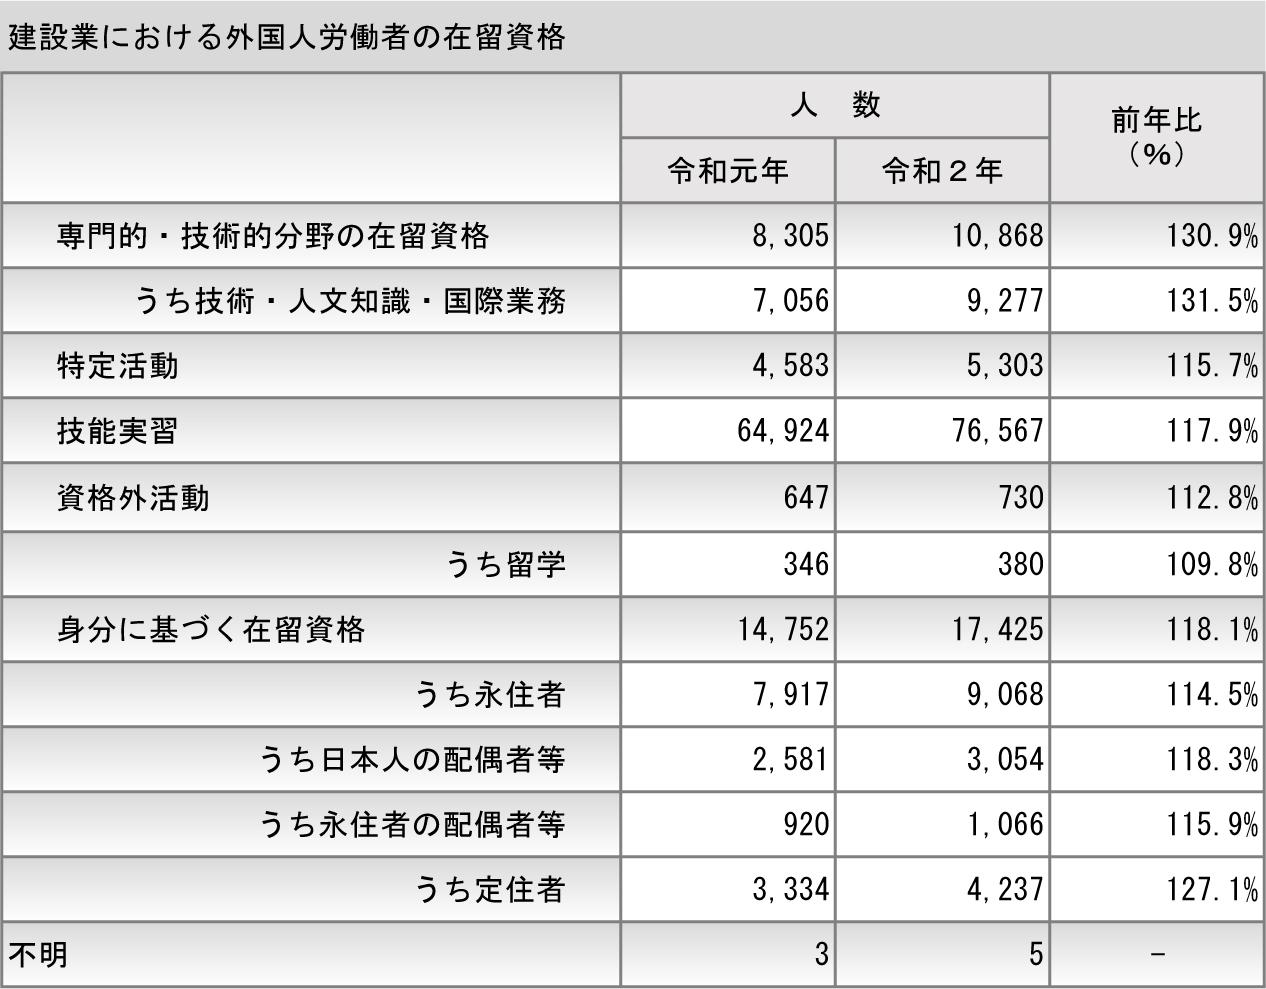 ①-6 建設業における外国人労働者の在留資格-new